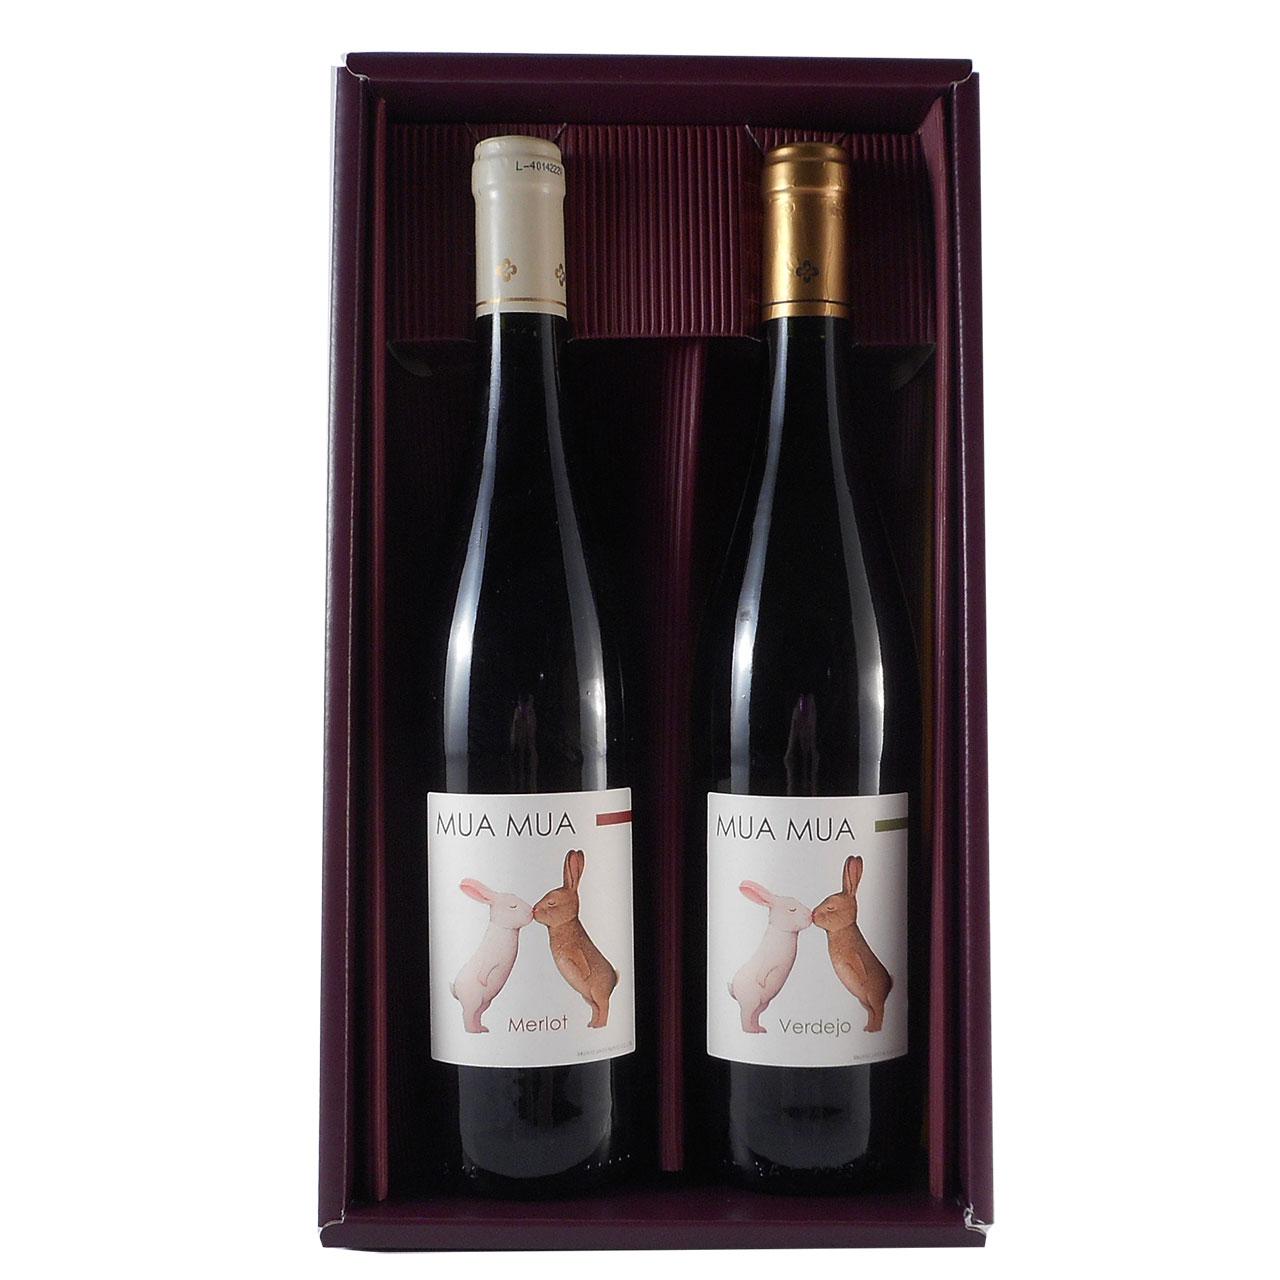 お中元 ギフト ワイン ギフトセット ムアムア ブランコ ティント うさぎのラベルが可愛いワインセット 赤白2本 ギフトセット 750ml スペイン 赤ワイン 白ワイン 送料無料 楽ギフ_のし 結婚祝い 内祝 バレンタイン